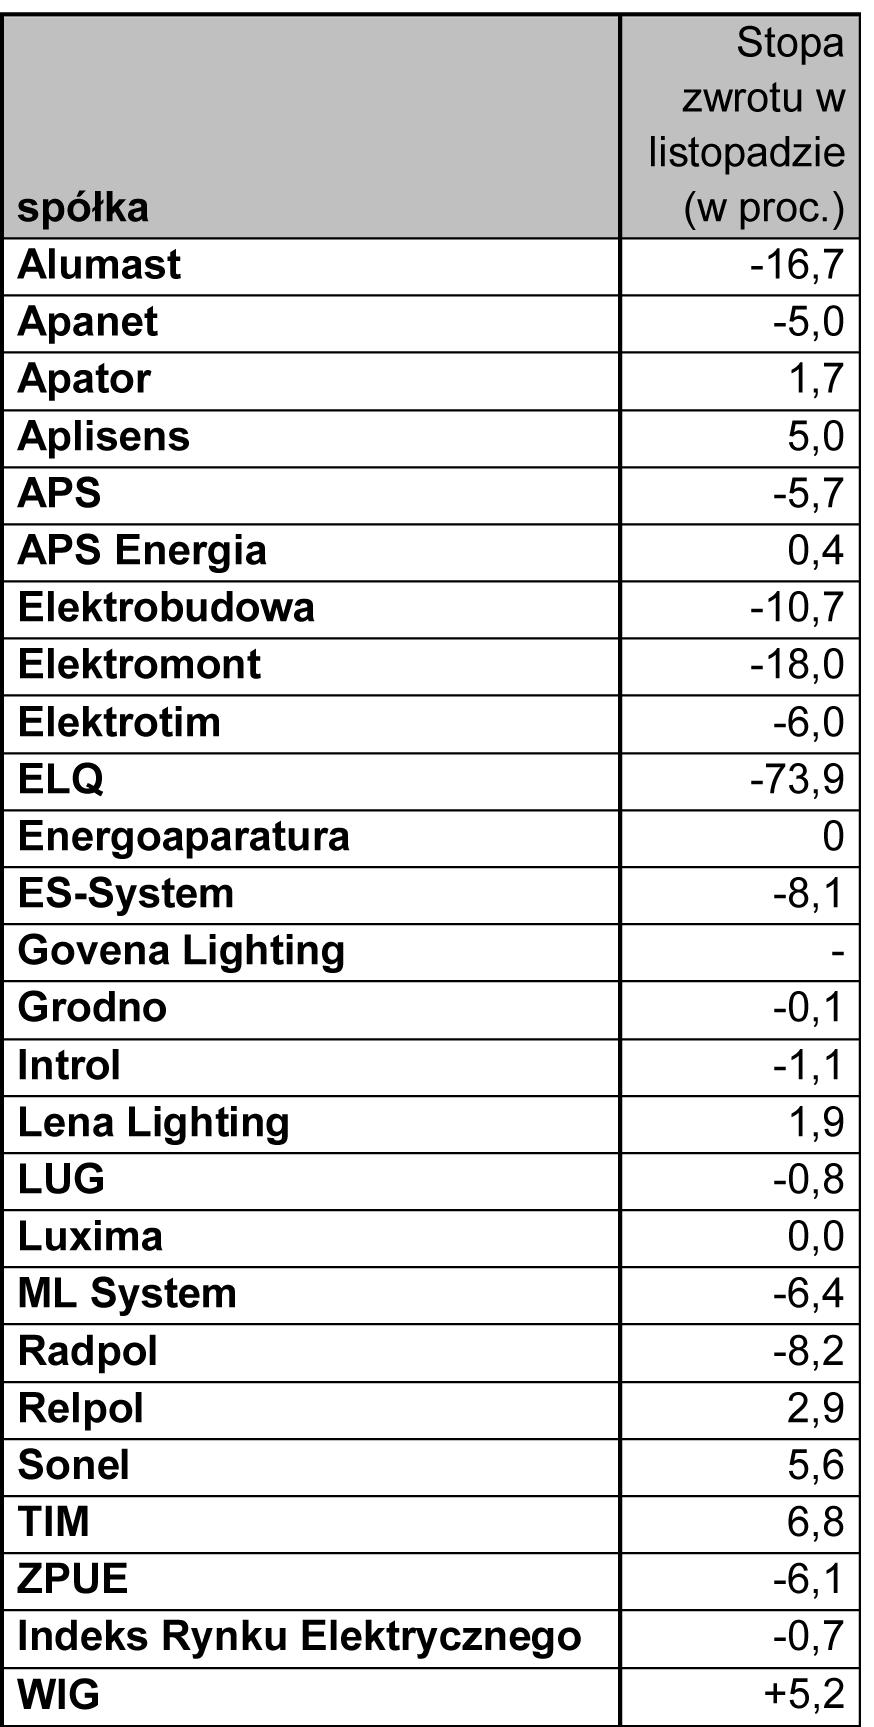 Zmiany kursów kacji firm elektrotechnicznych - listopad 2018 r.